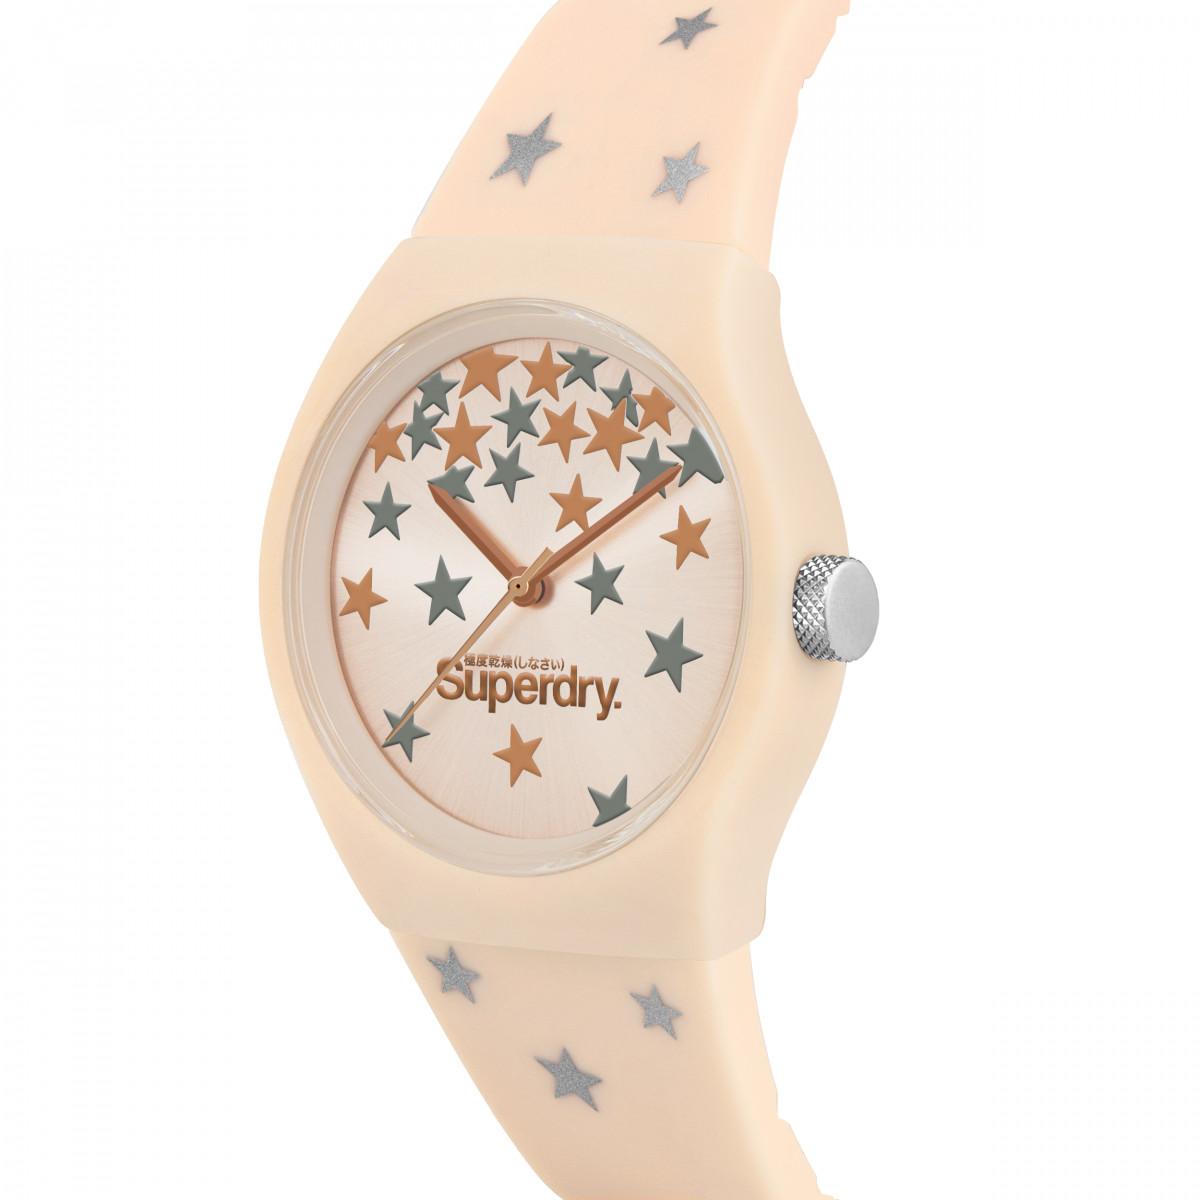 Montre Unisexe Superdry URBAN STAR Analogique Cadran doré rose  Bracelet en silicone à motifs